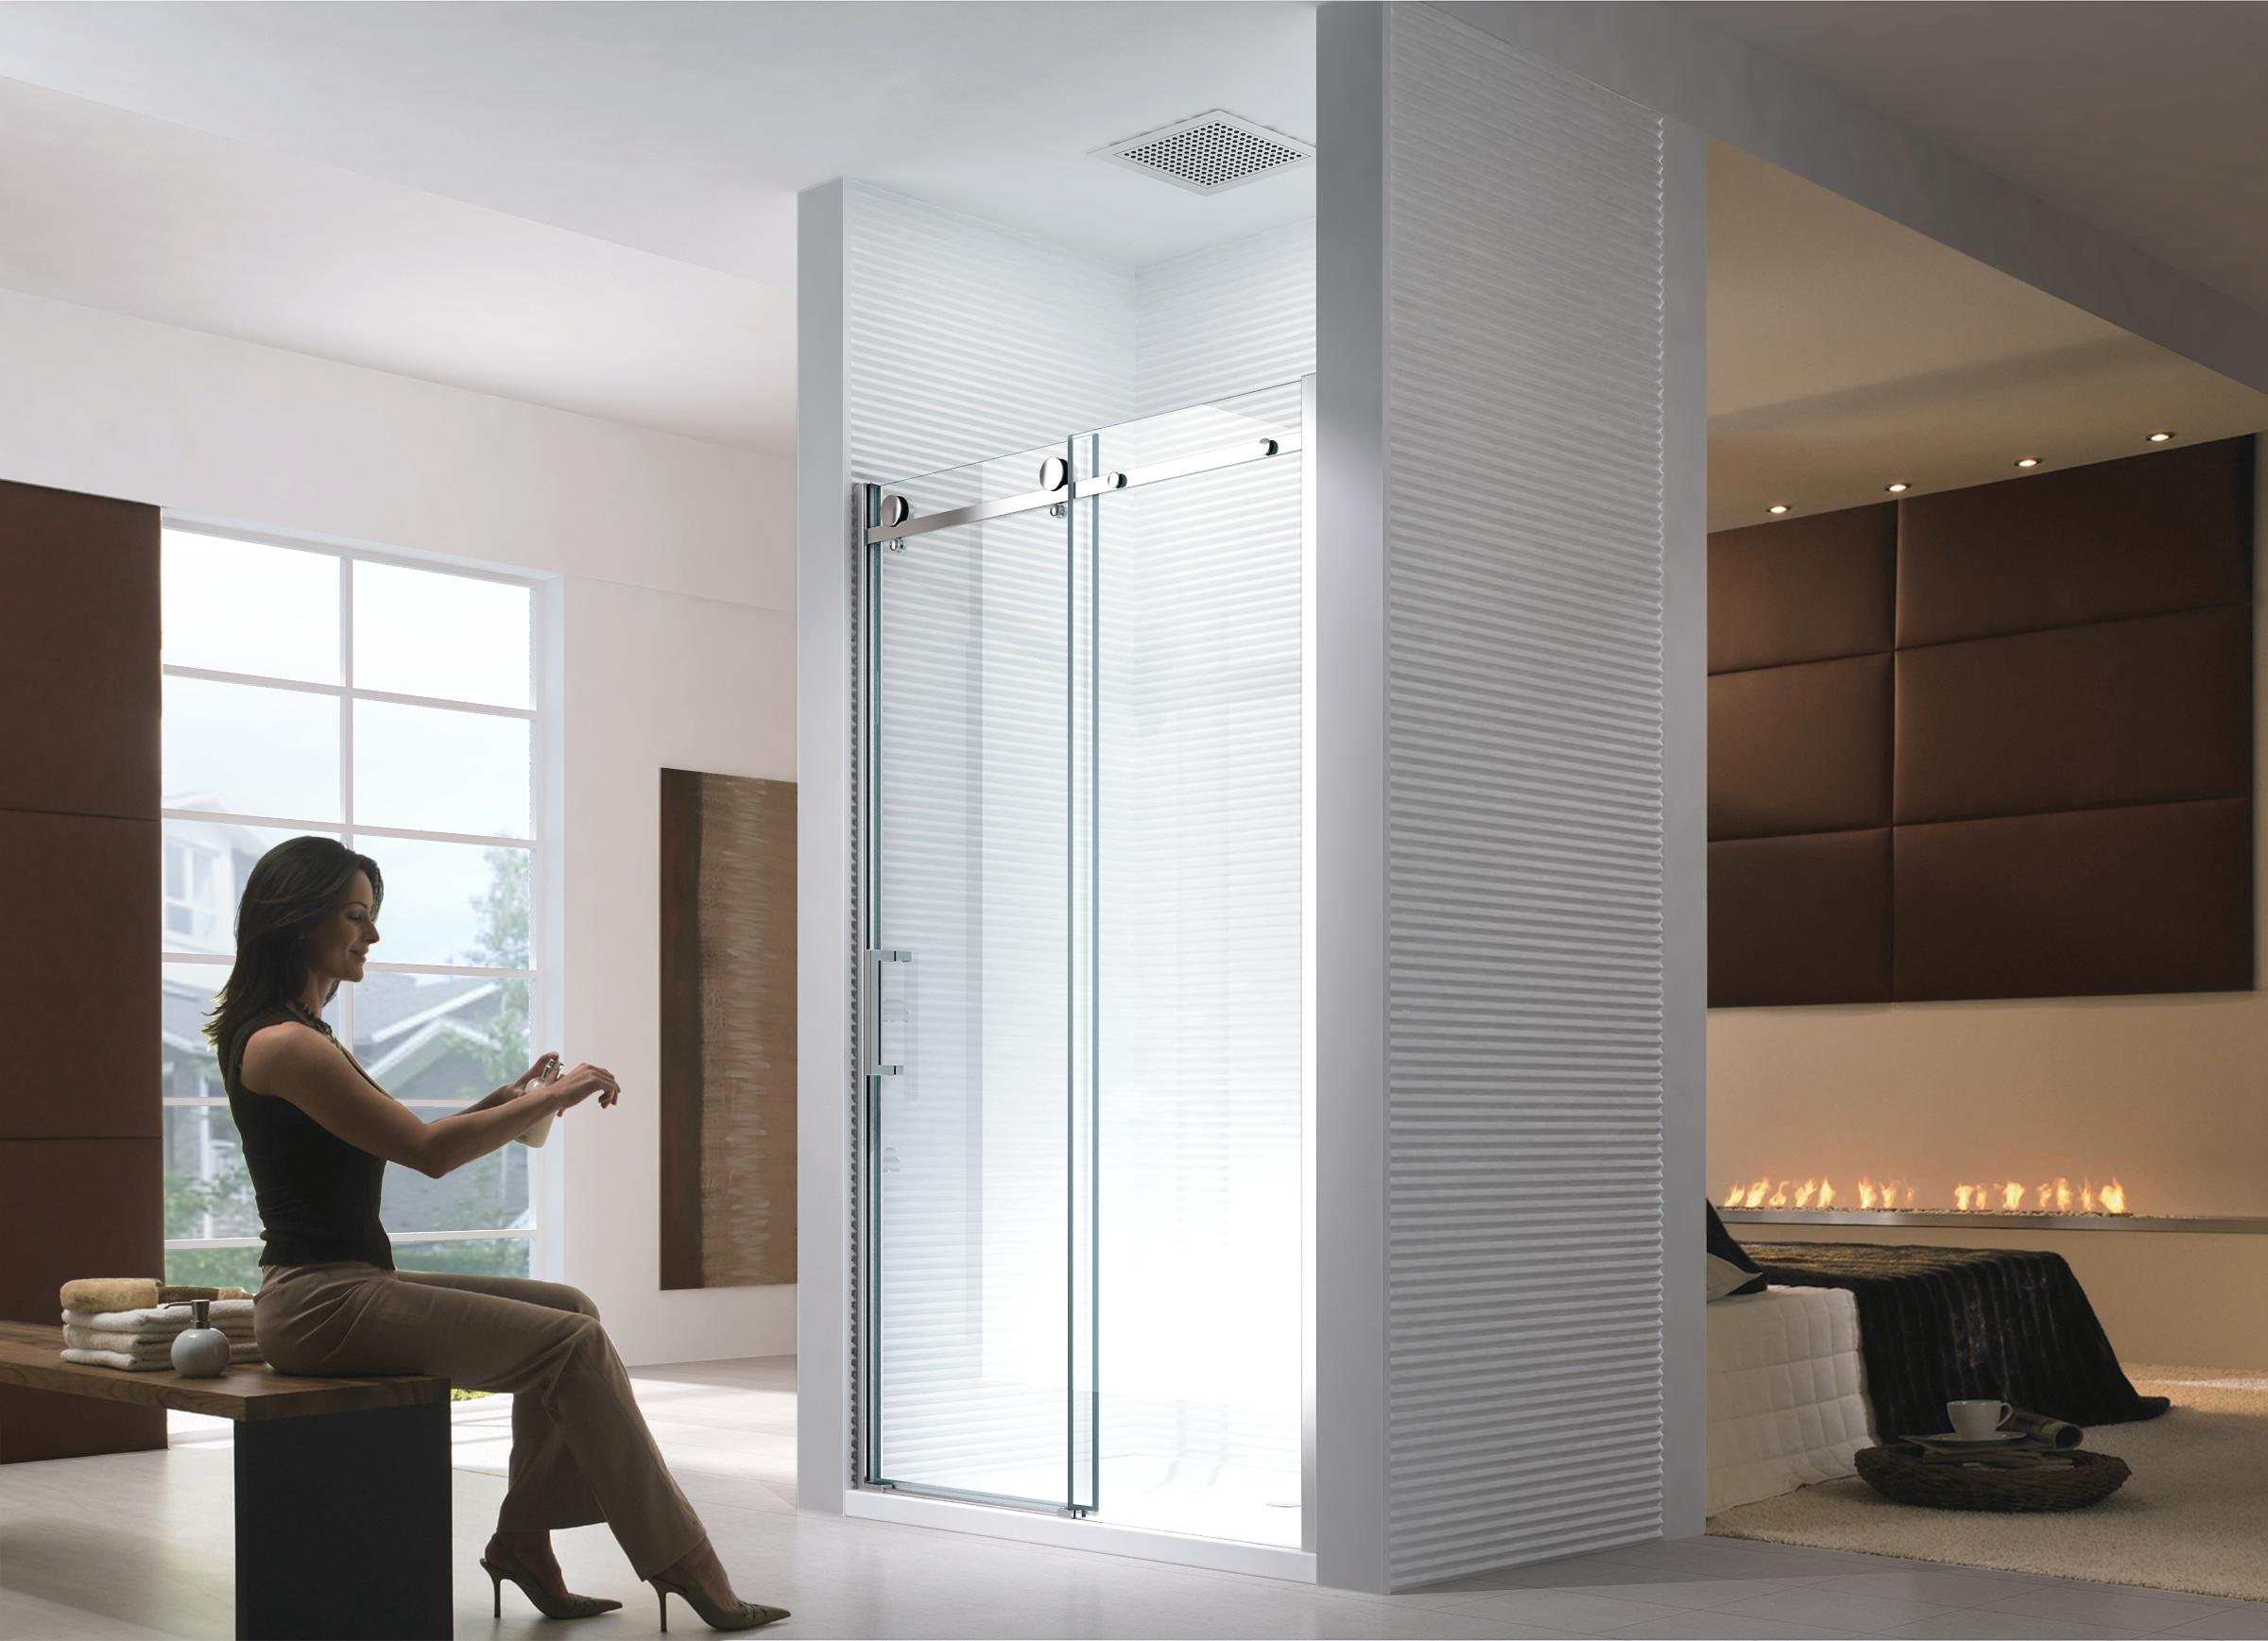 Porta nicchia cabina doccia senza un piatto doccia ebay - Doccia senza porta ...